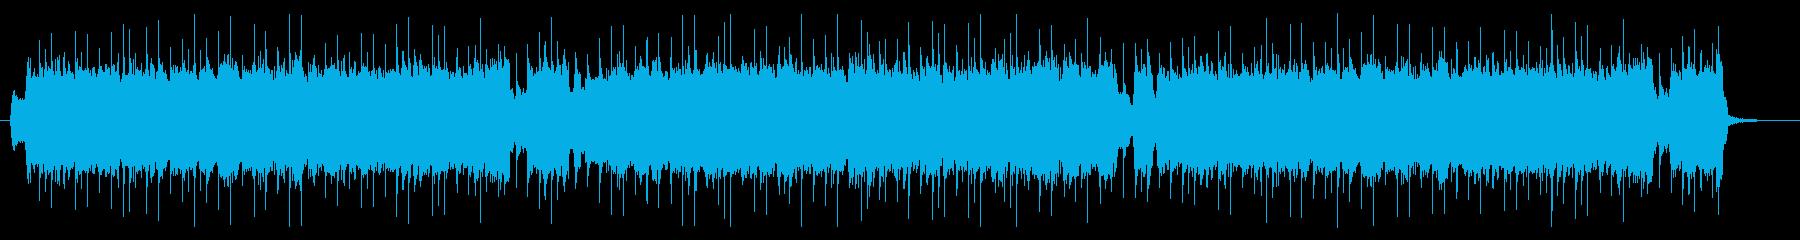 ワルツ10番69-2ショパン・ロックの再生済みの波形